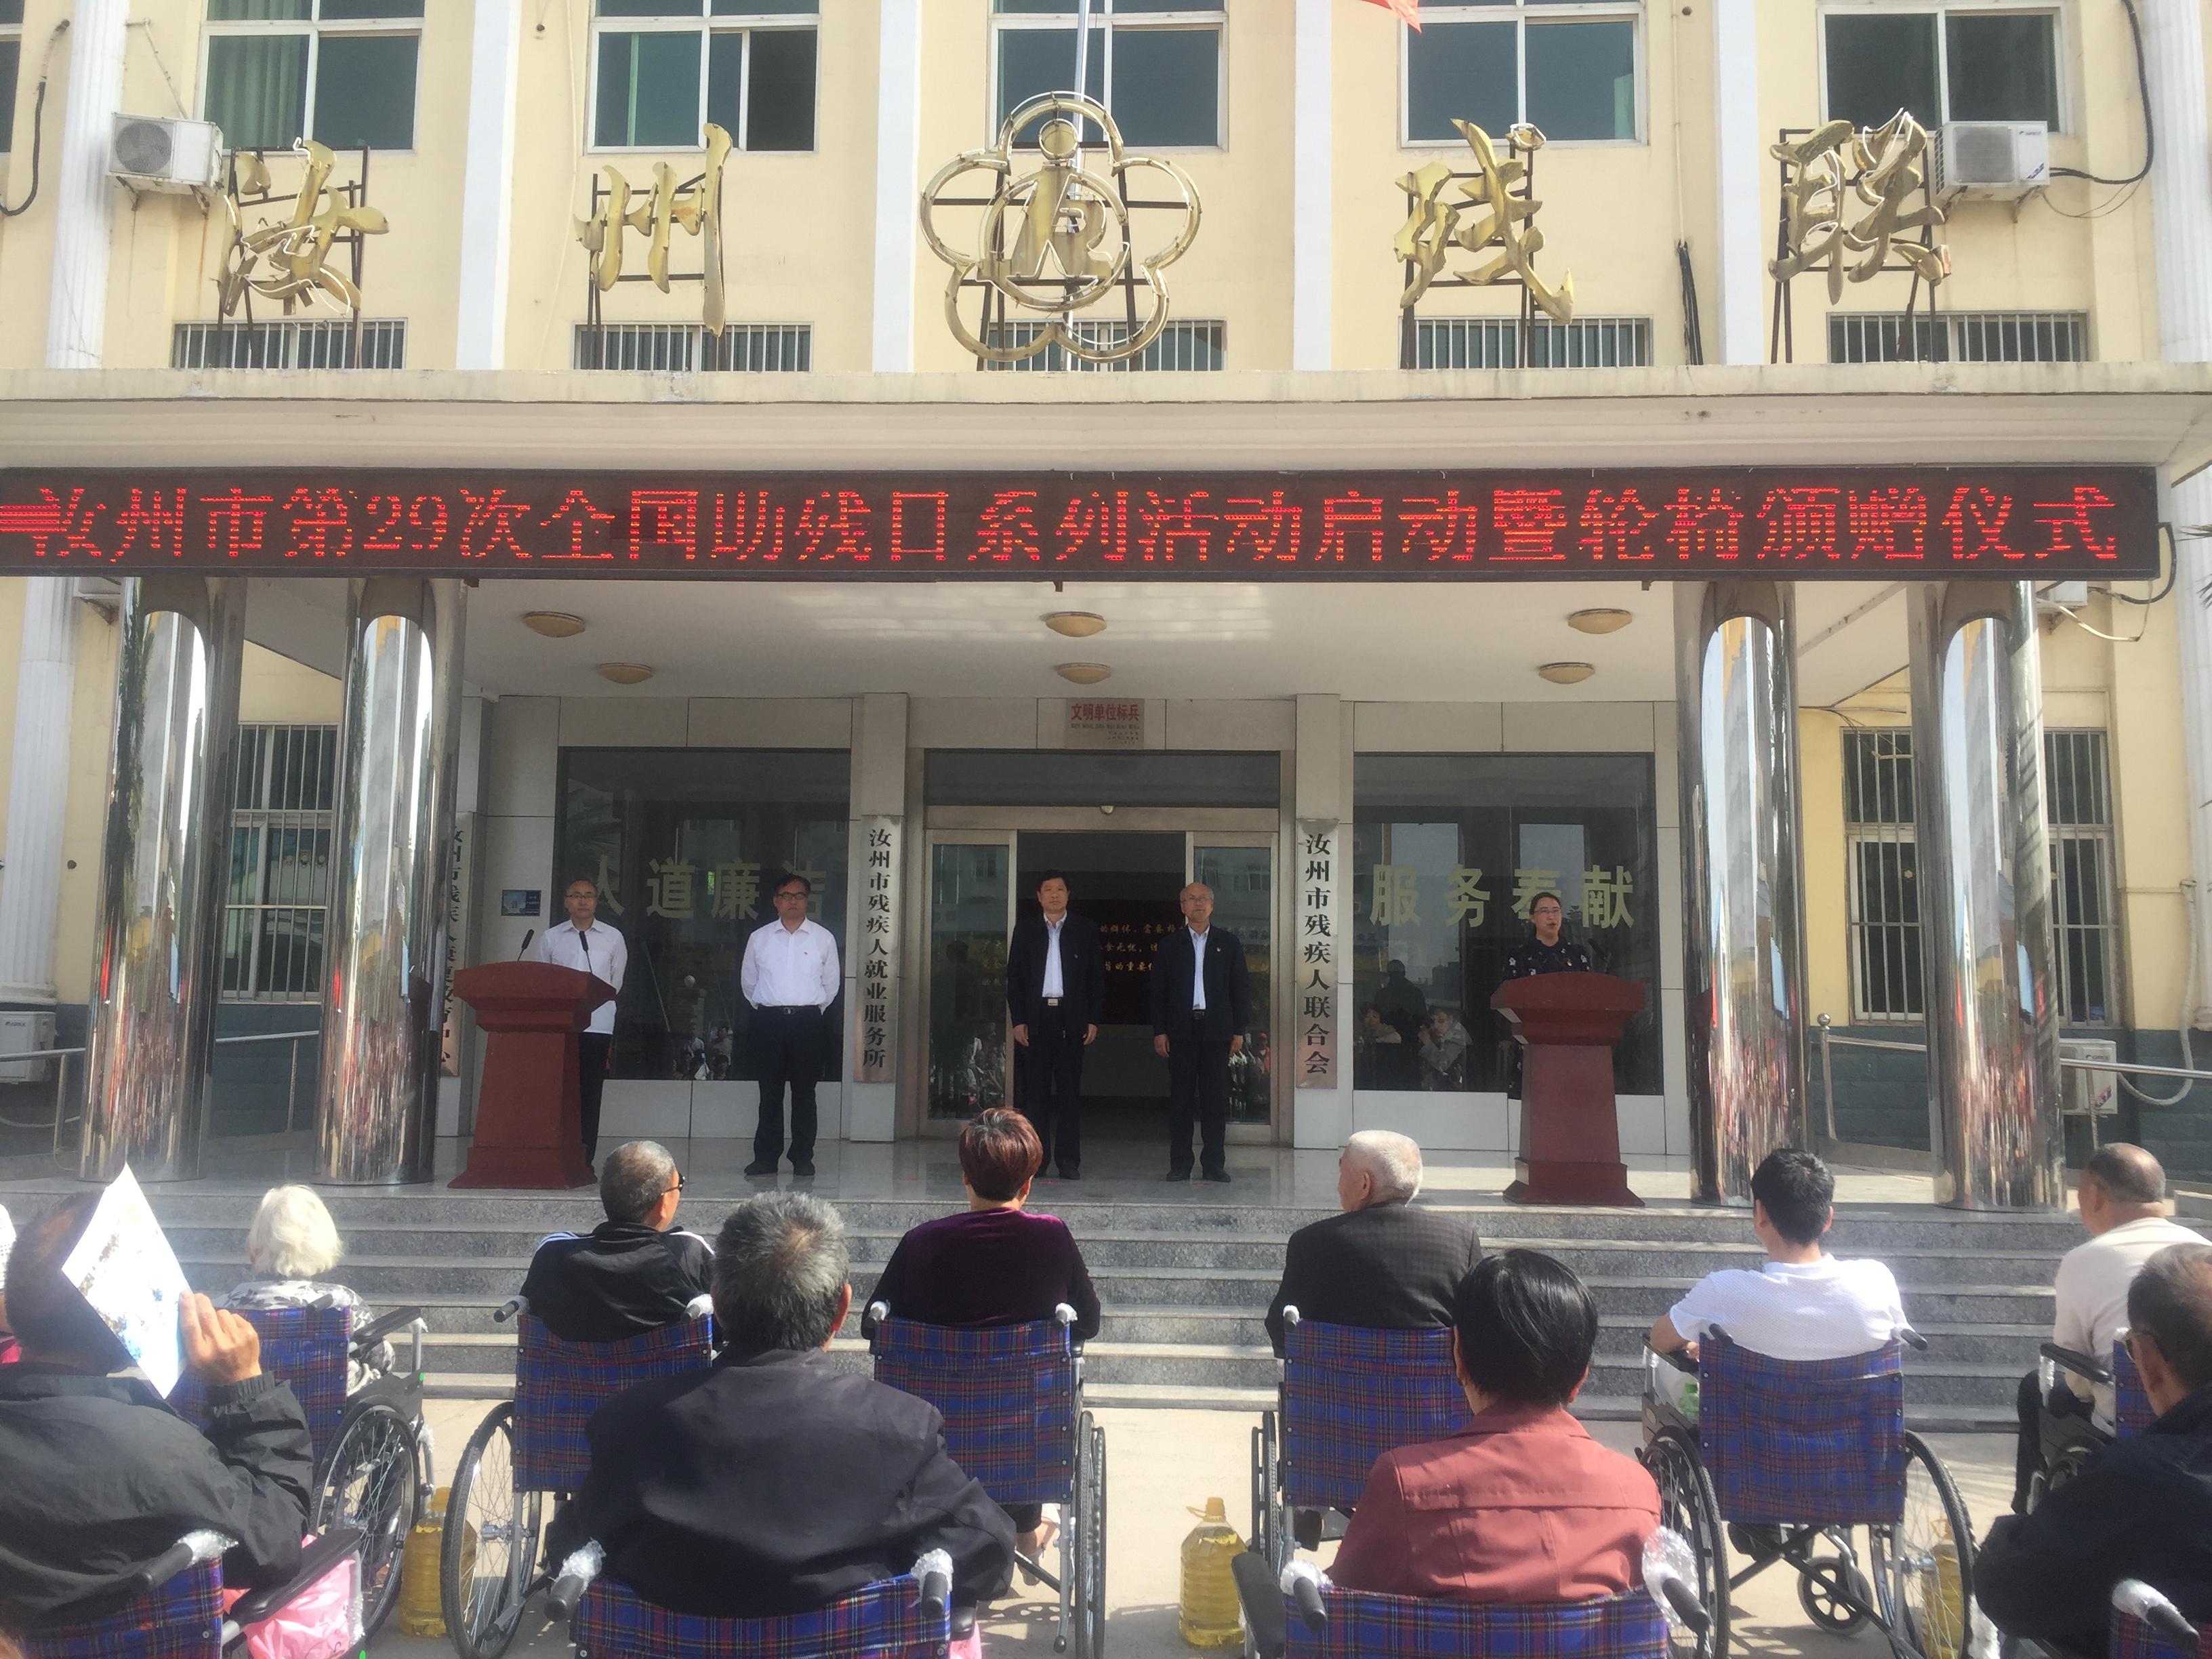 汝州市开展第29次全国助残日系列活动启动暨轮椅颁赠仪式